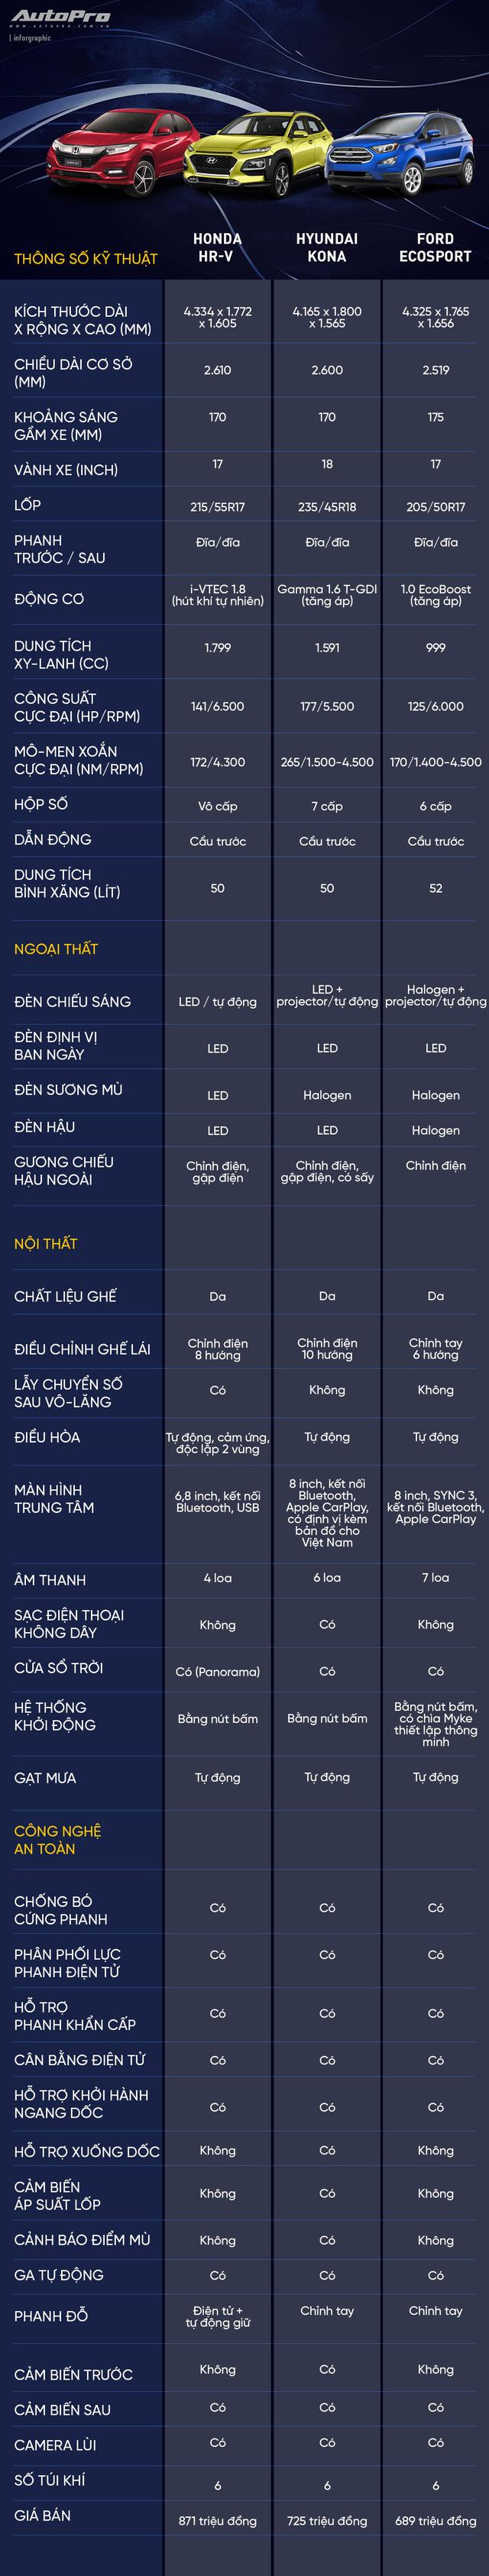 Giá cao, Honda HR-V có gì để lựa chọn thay Hyundai Kona và Ford EcoSport? - Ảnh 1.